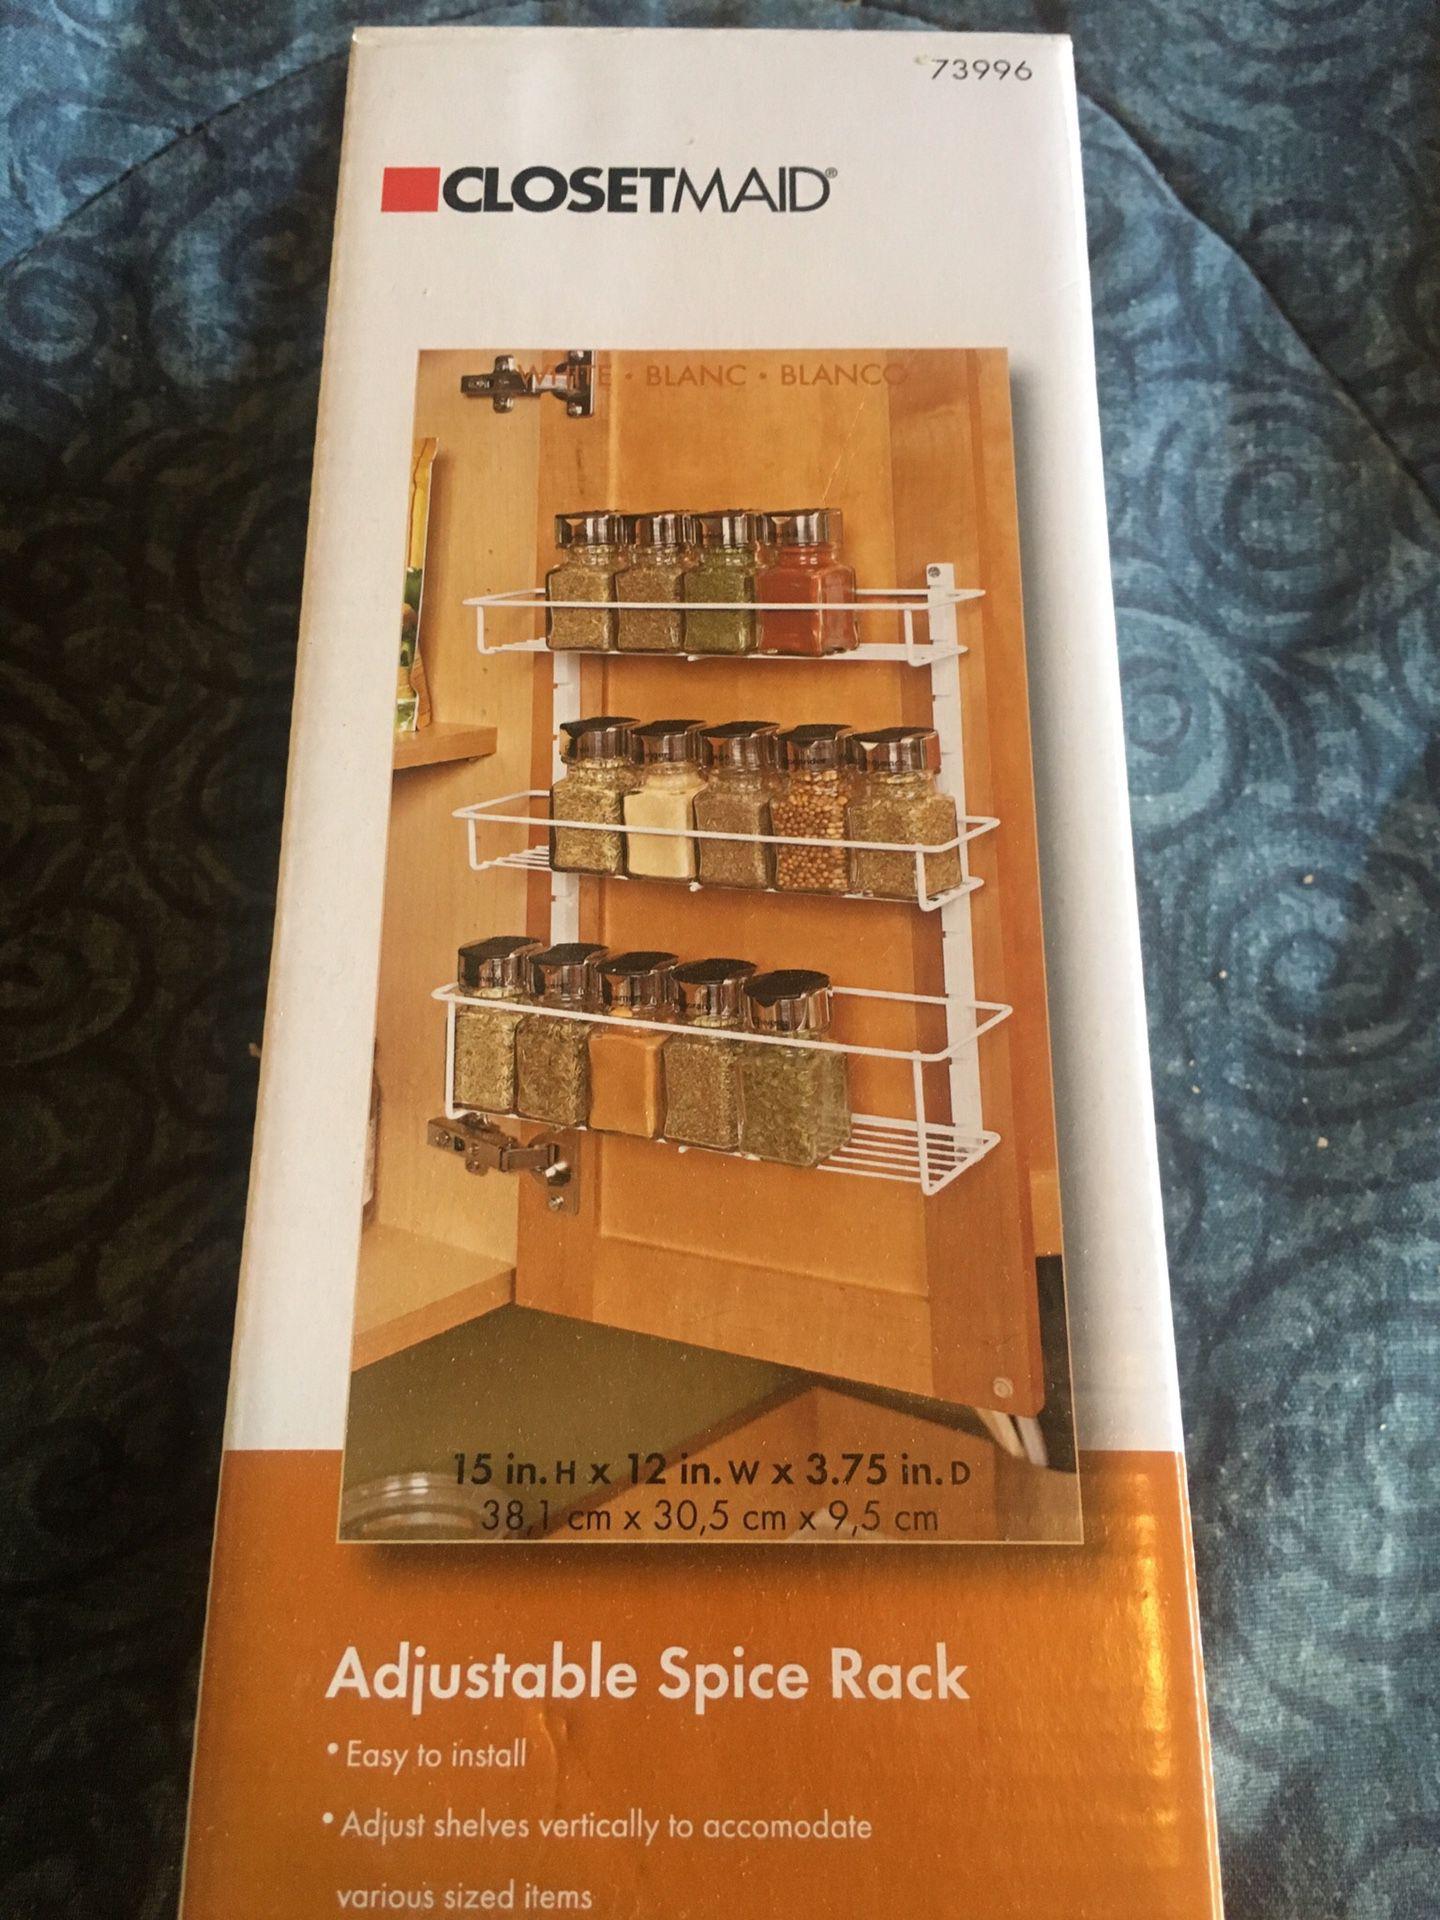 Closetmaid adjustable spice rack